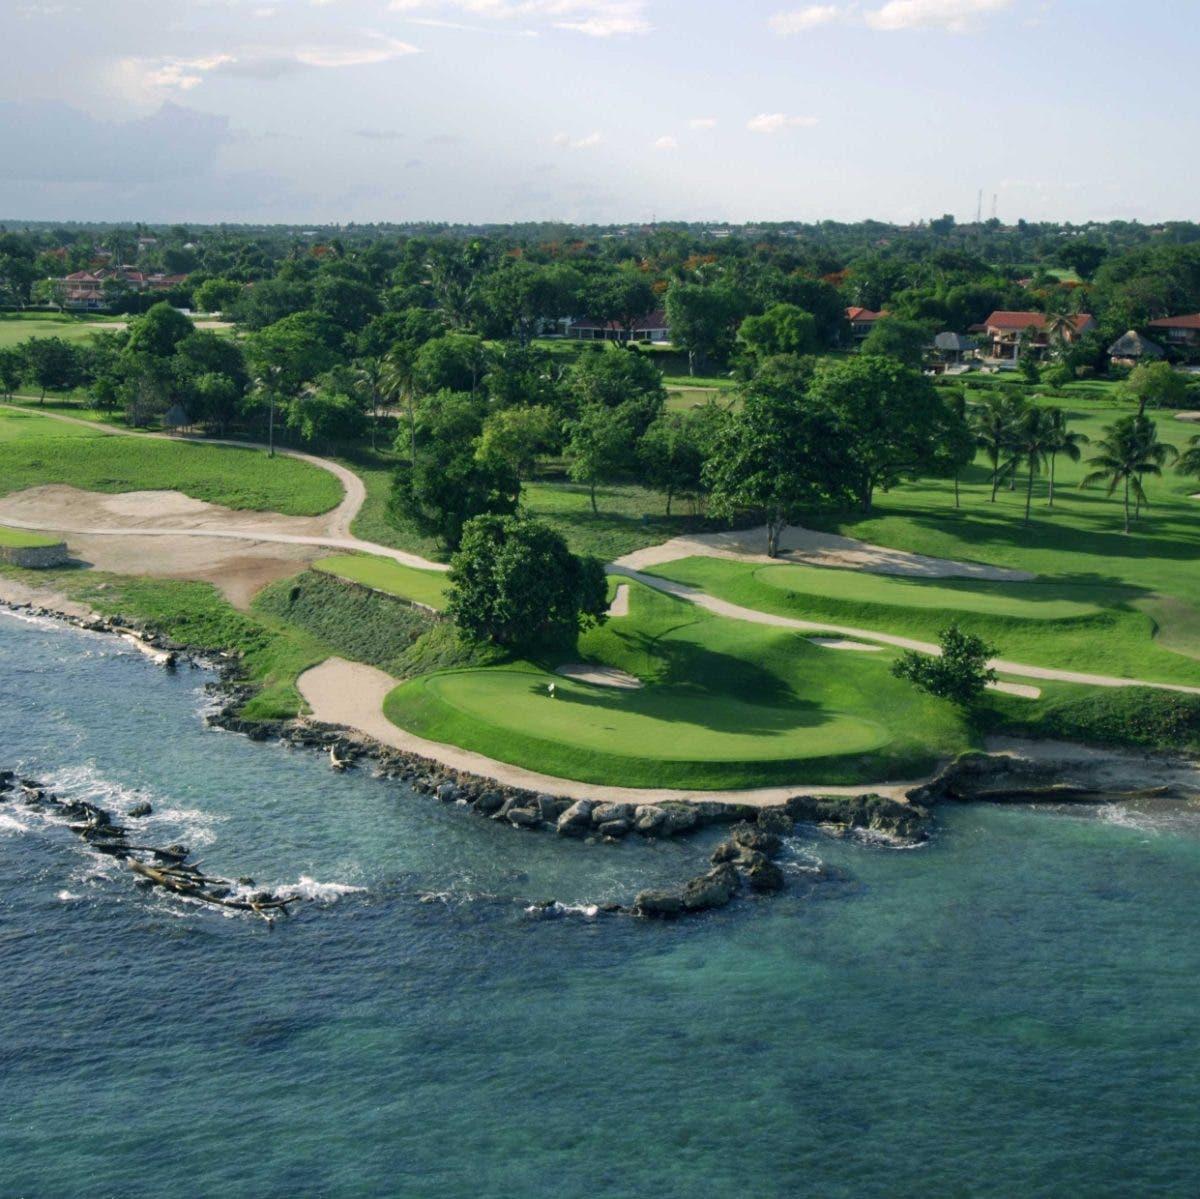 Se espera crecimiento de turismo del golf en RD